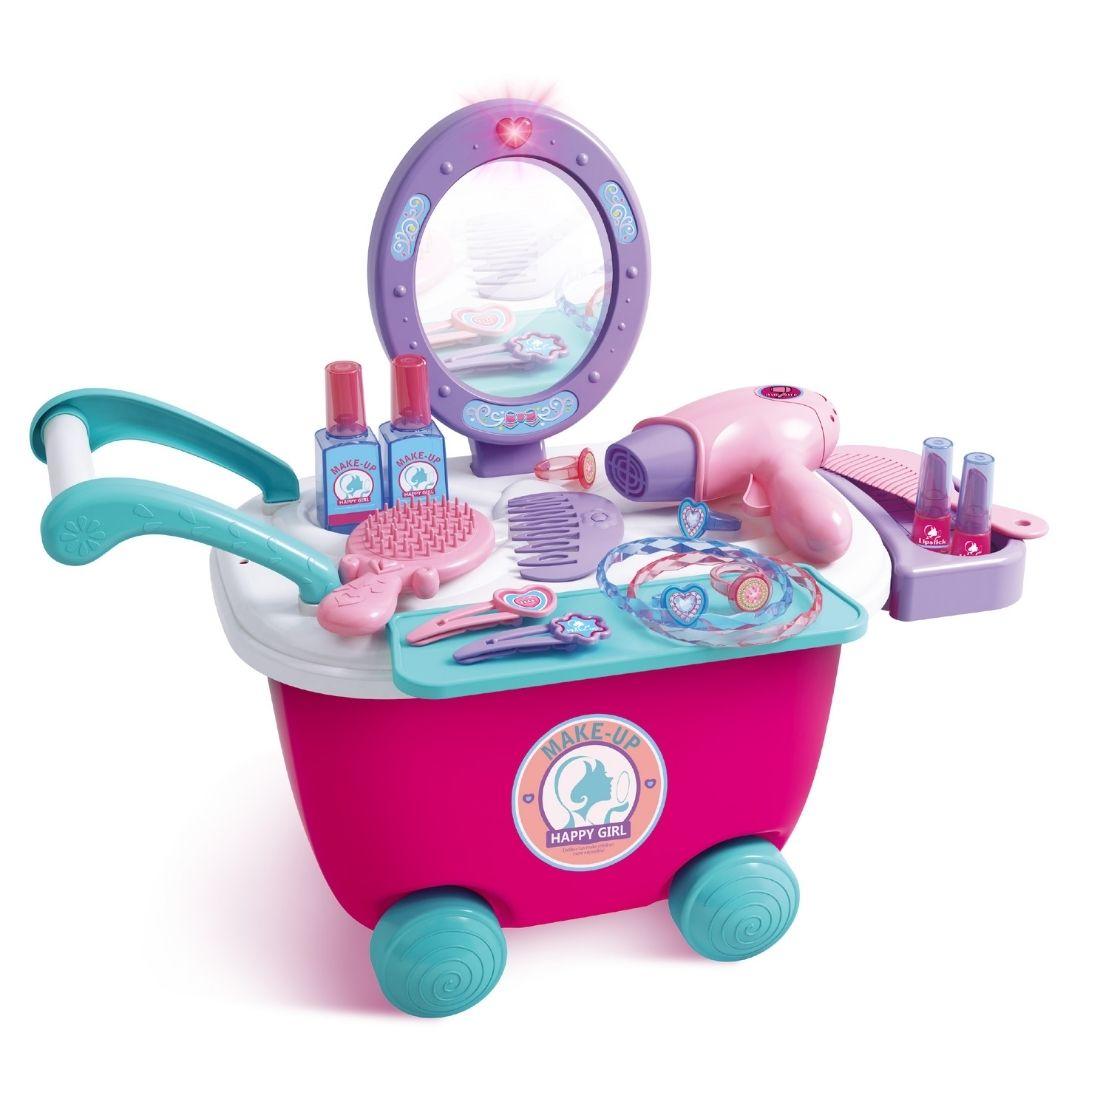 Brinquedo Kit Penteadeira Infantil com Luz 2 em 1 Baby Style